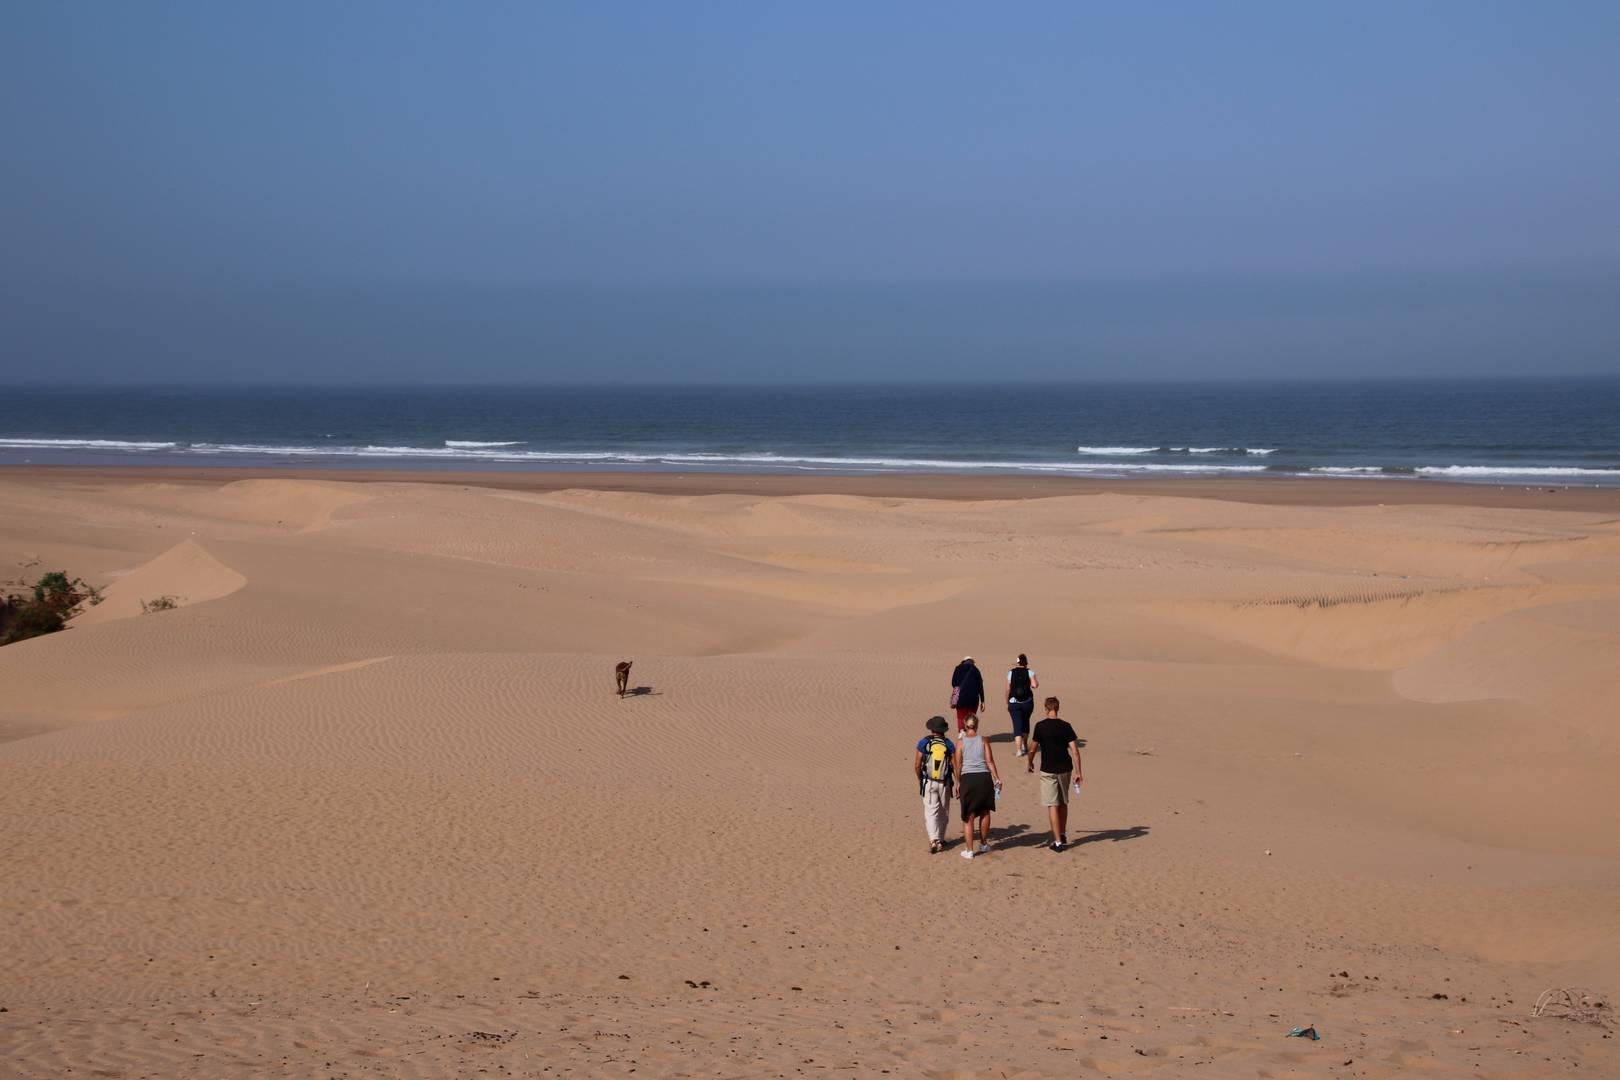 Maroc - Randonnée sur une plage déserte au Sud d'Essaouira